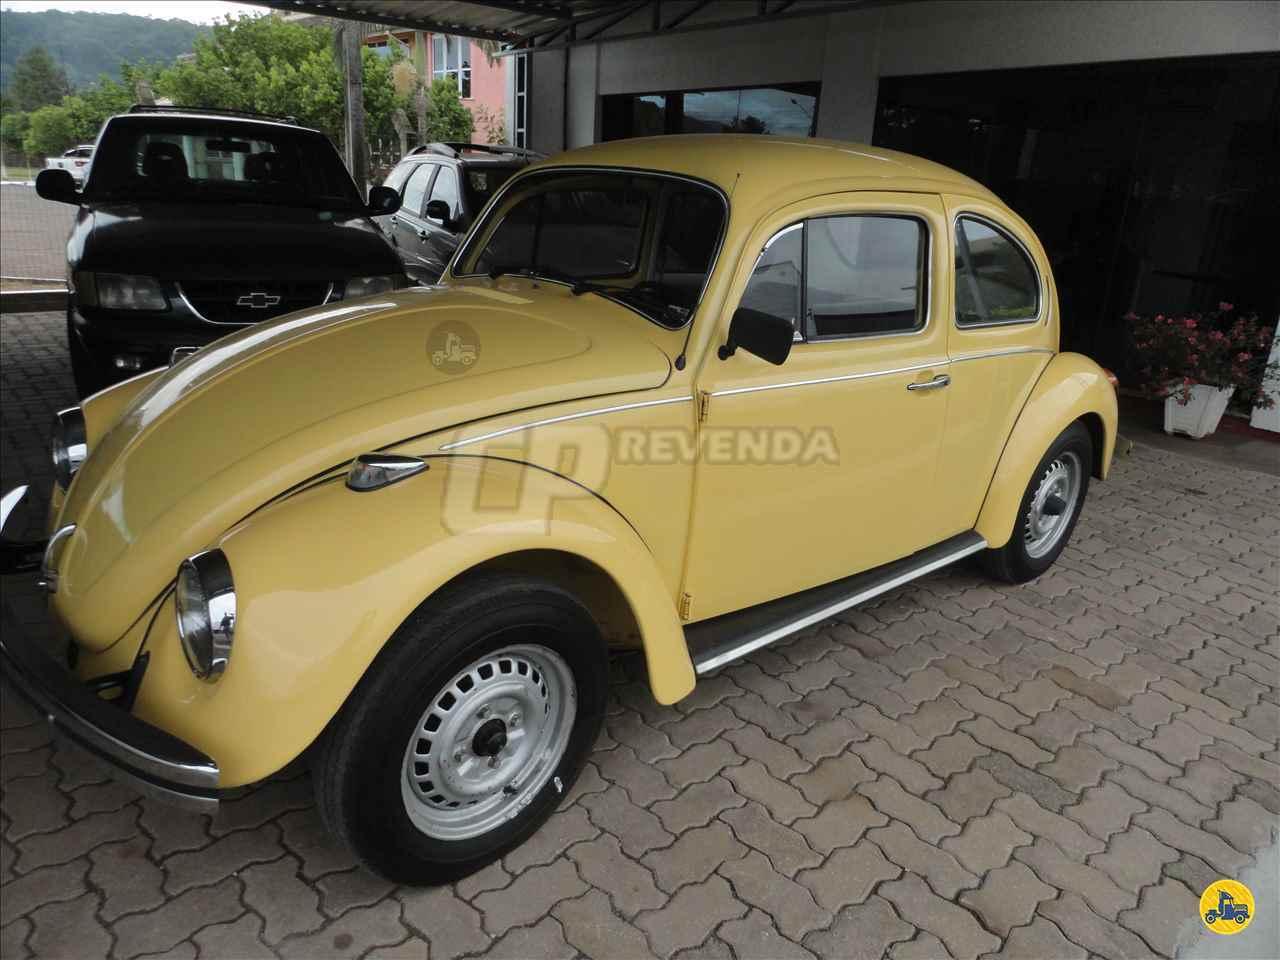 CARRO VW - Volkswagen Fusca 1300 CP Revenda BOM PRINCIPIO RIO GRANDE DO SUL RS